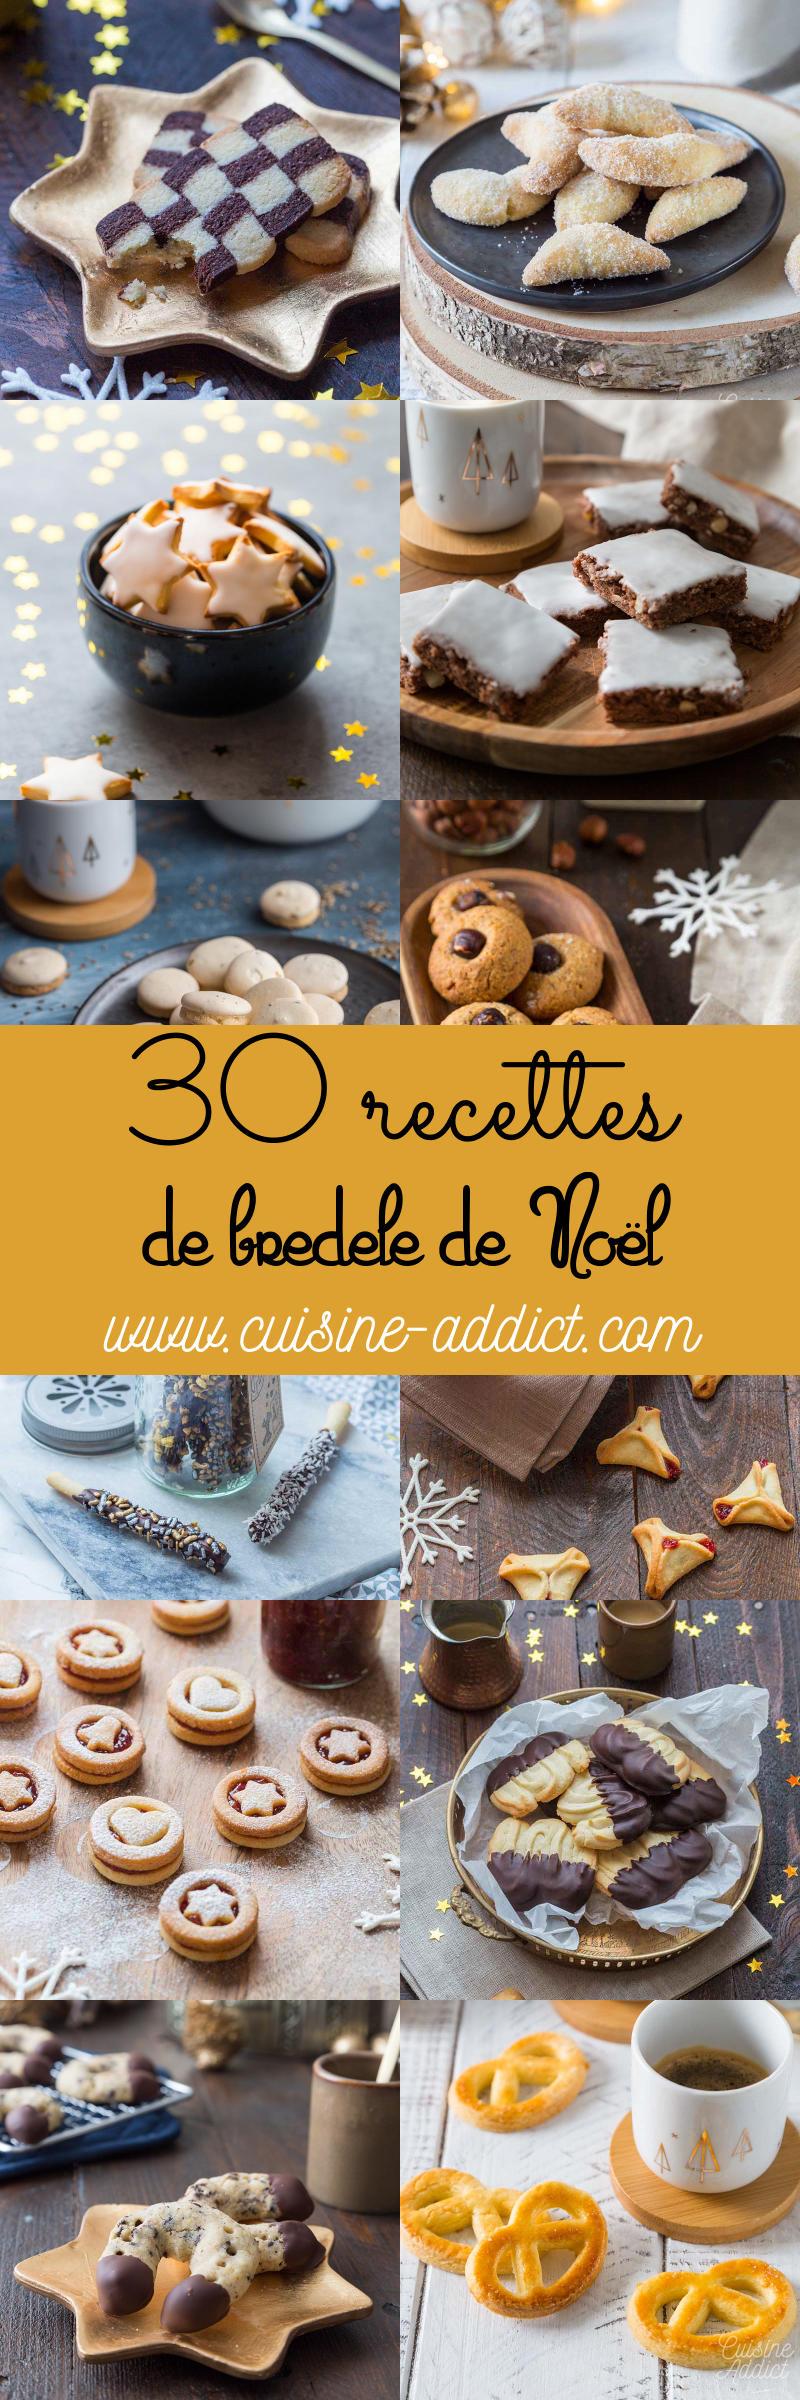 30 recettes de Bredele pour Noël